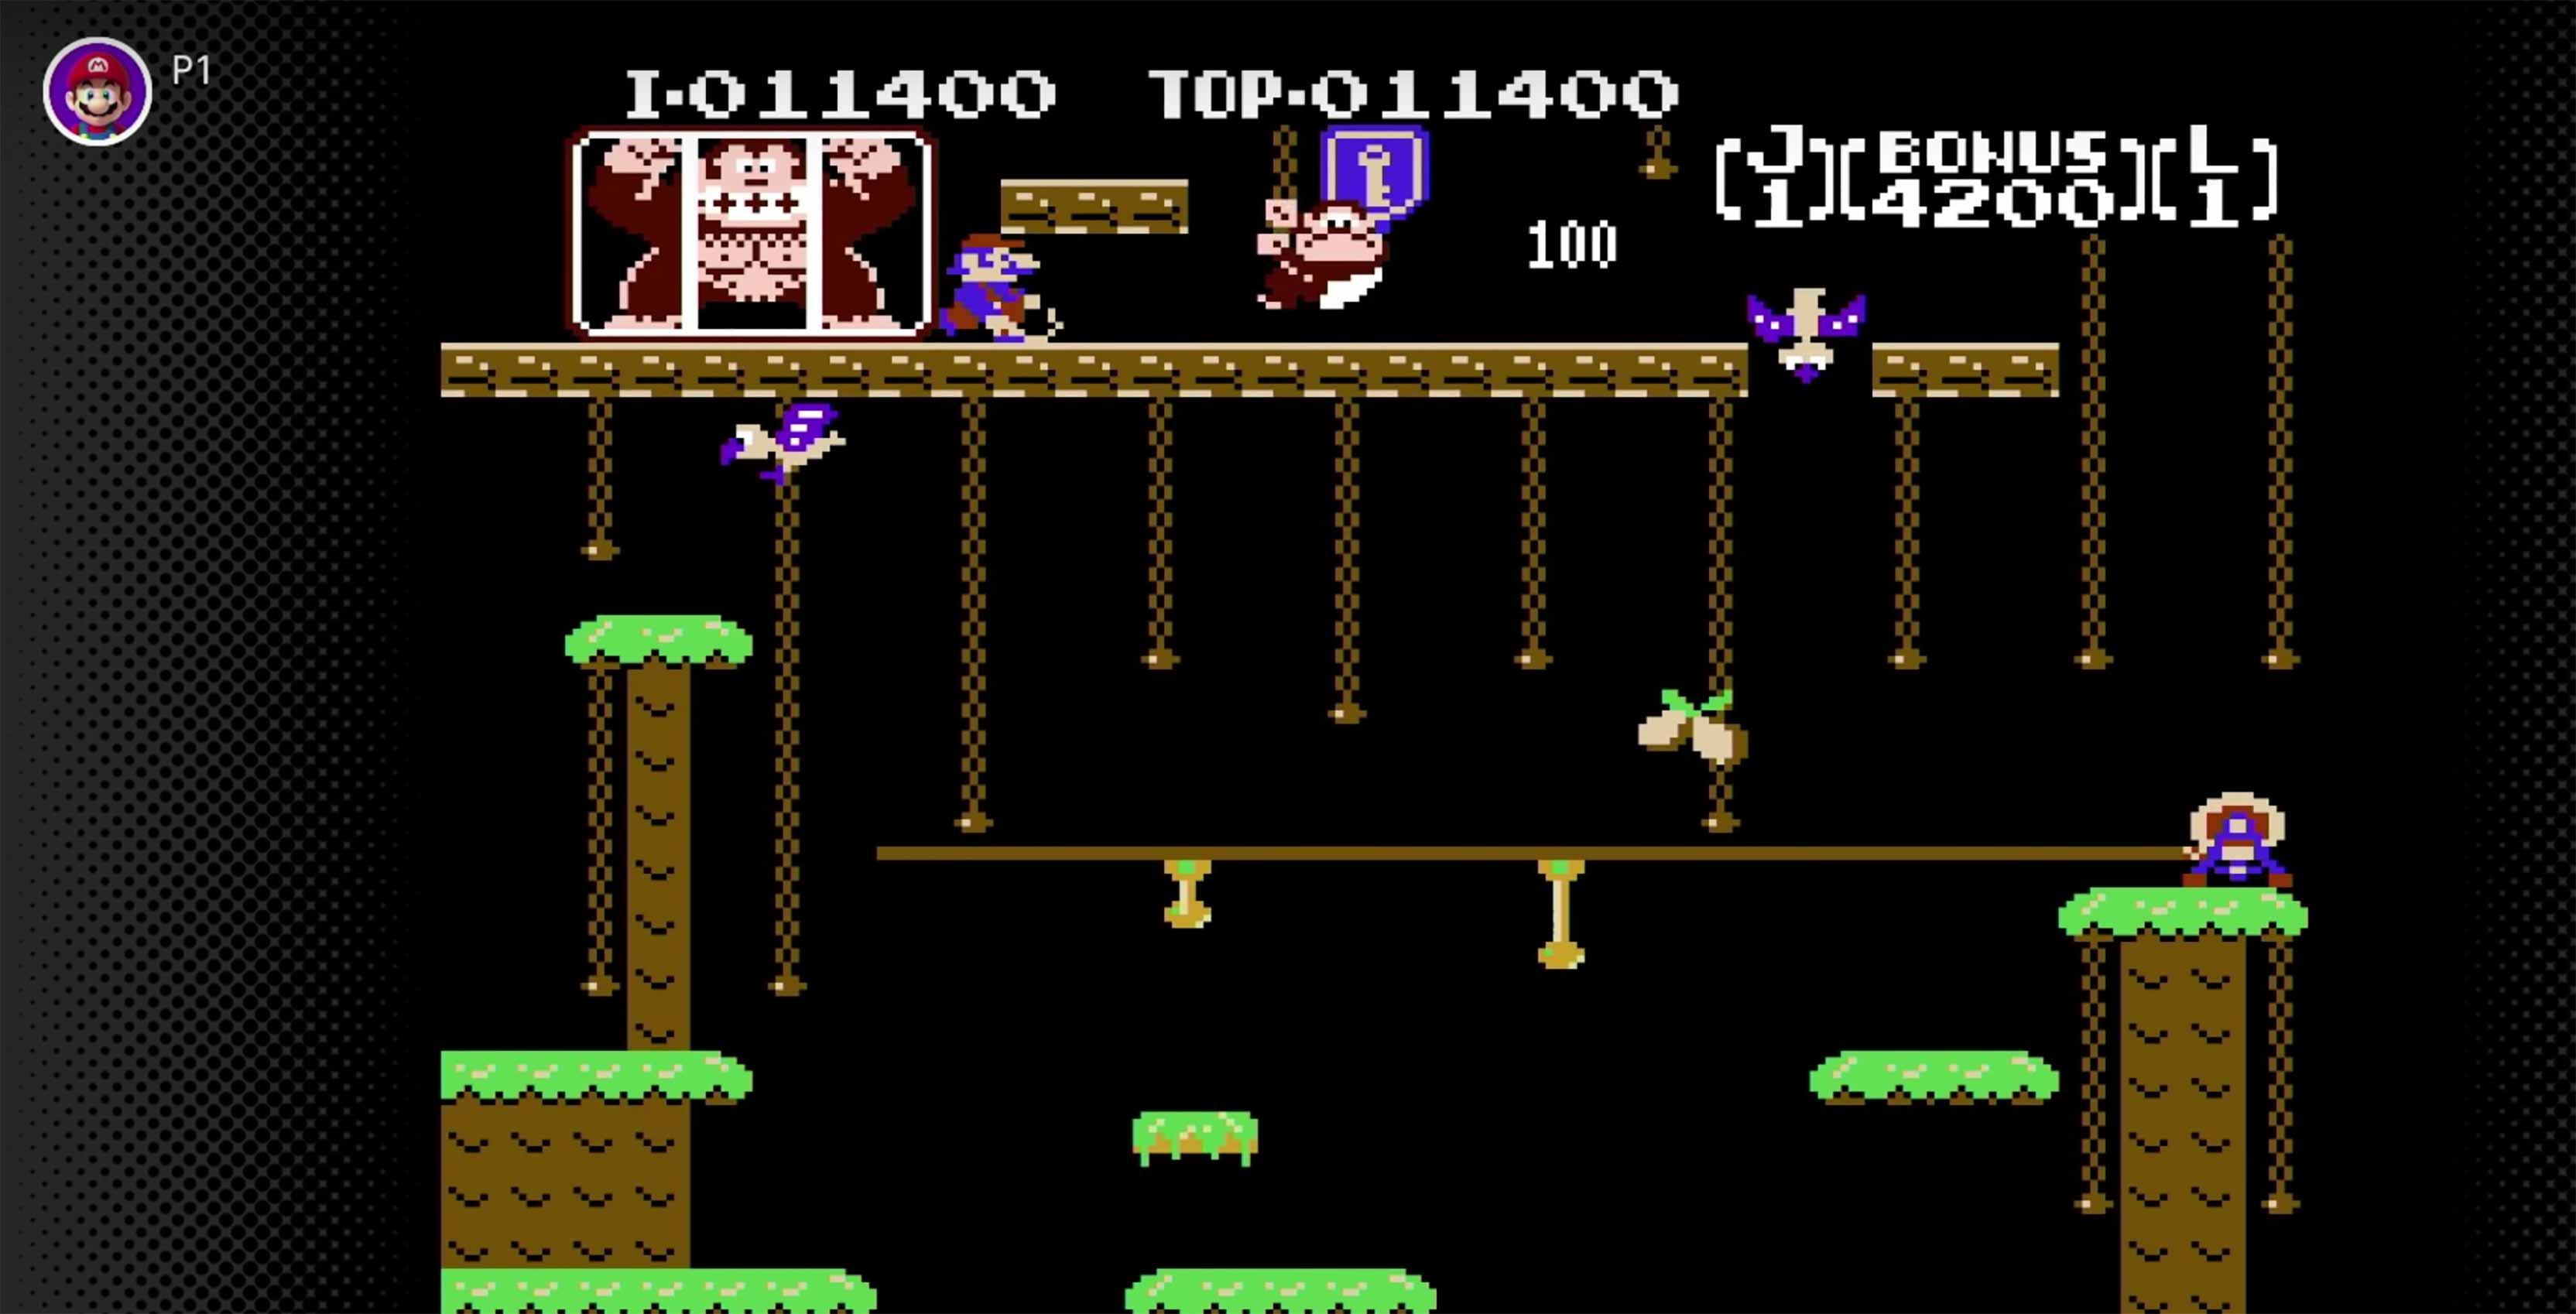 Donkey Kong Jr. gameplay